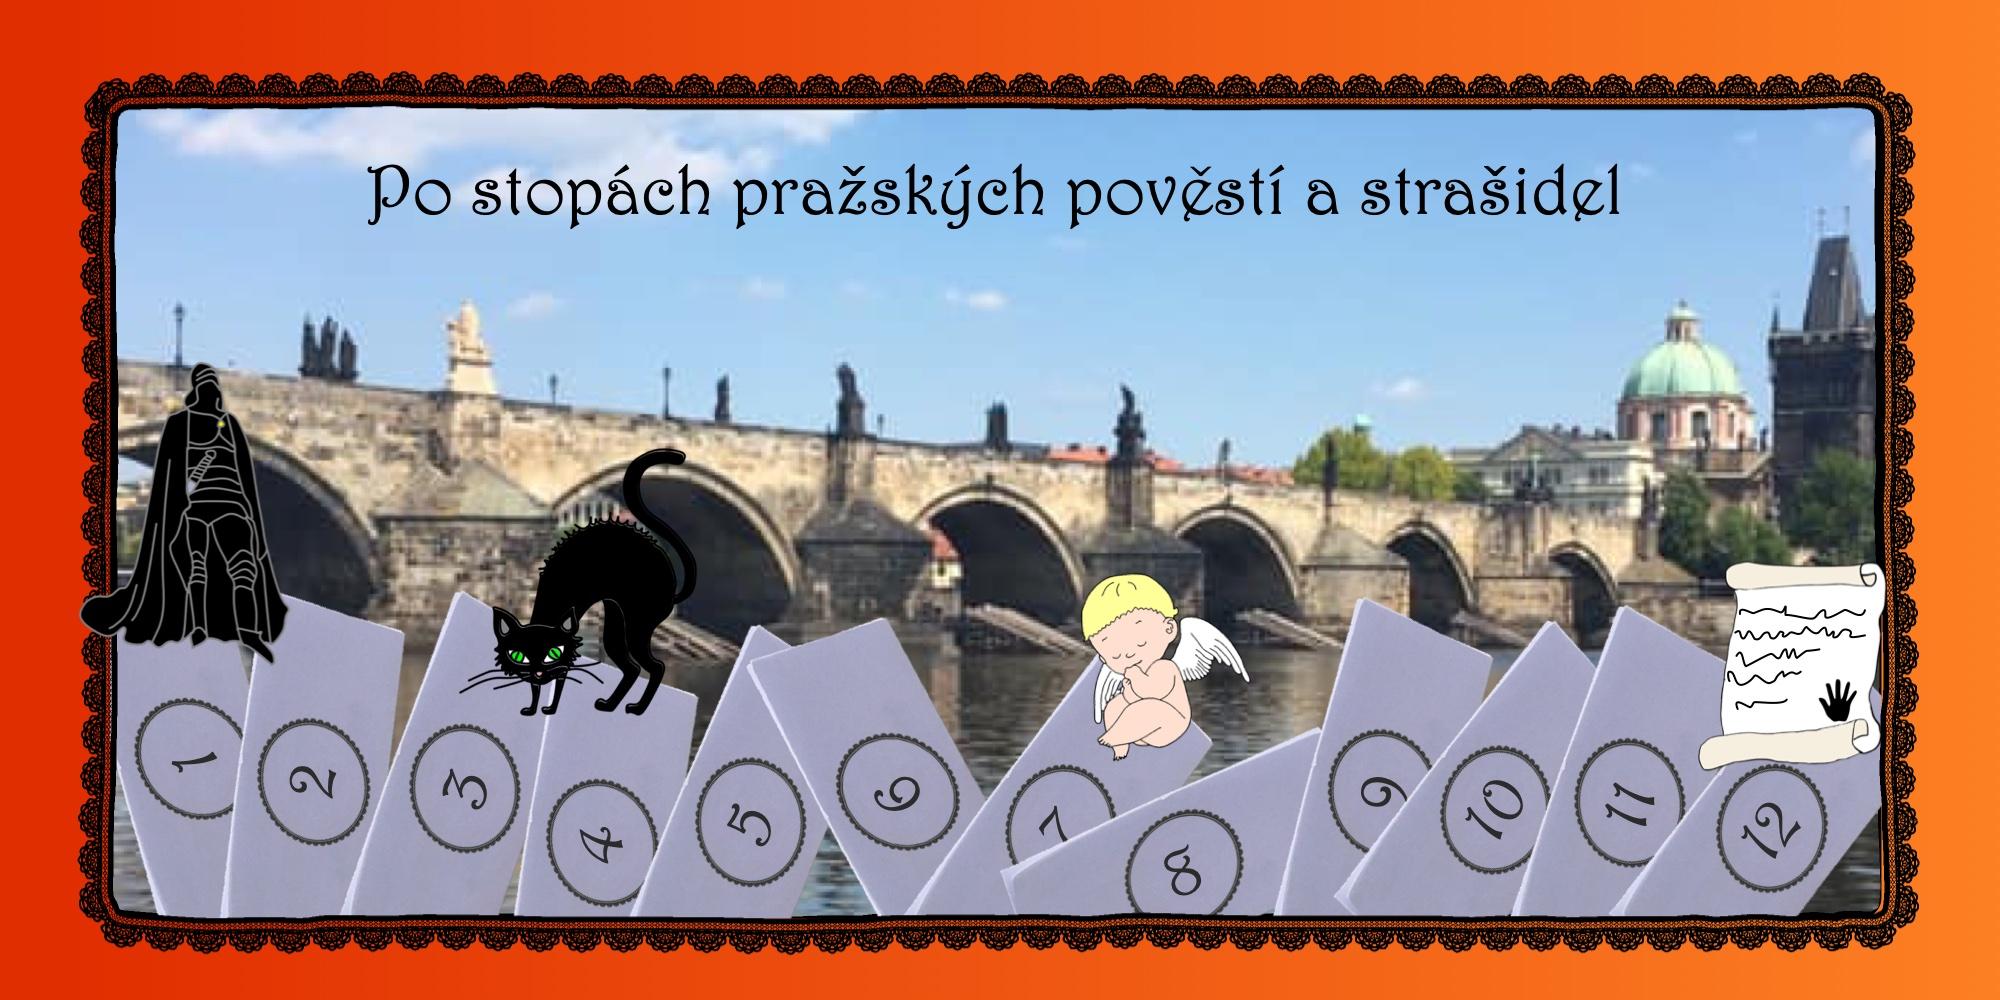 Pražské pověsti a strašidla